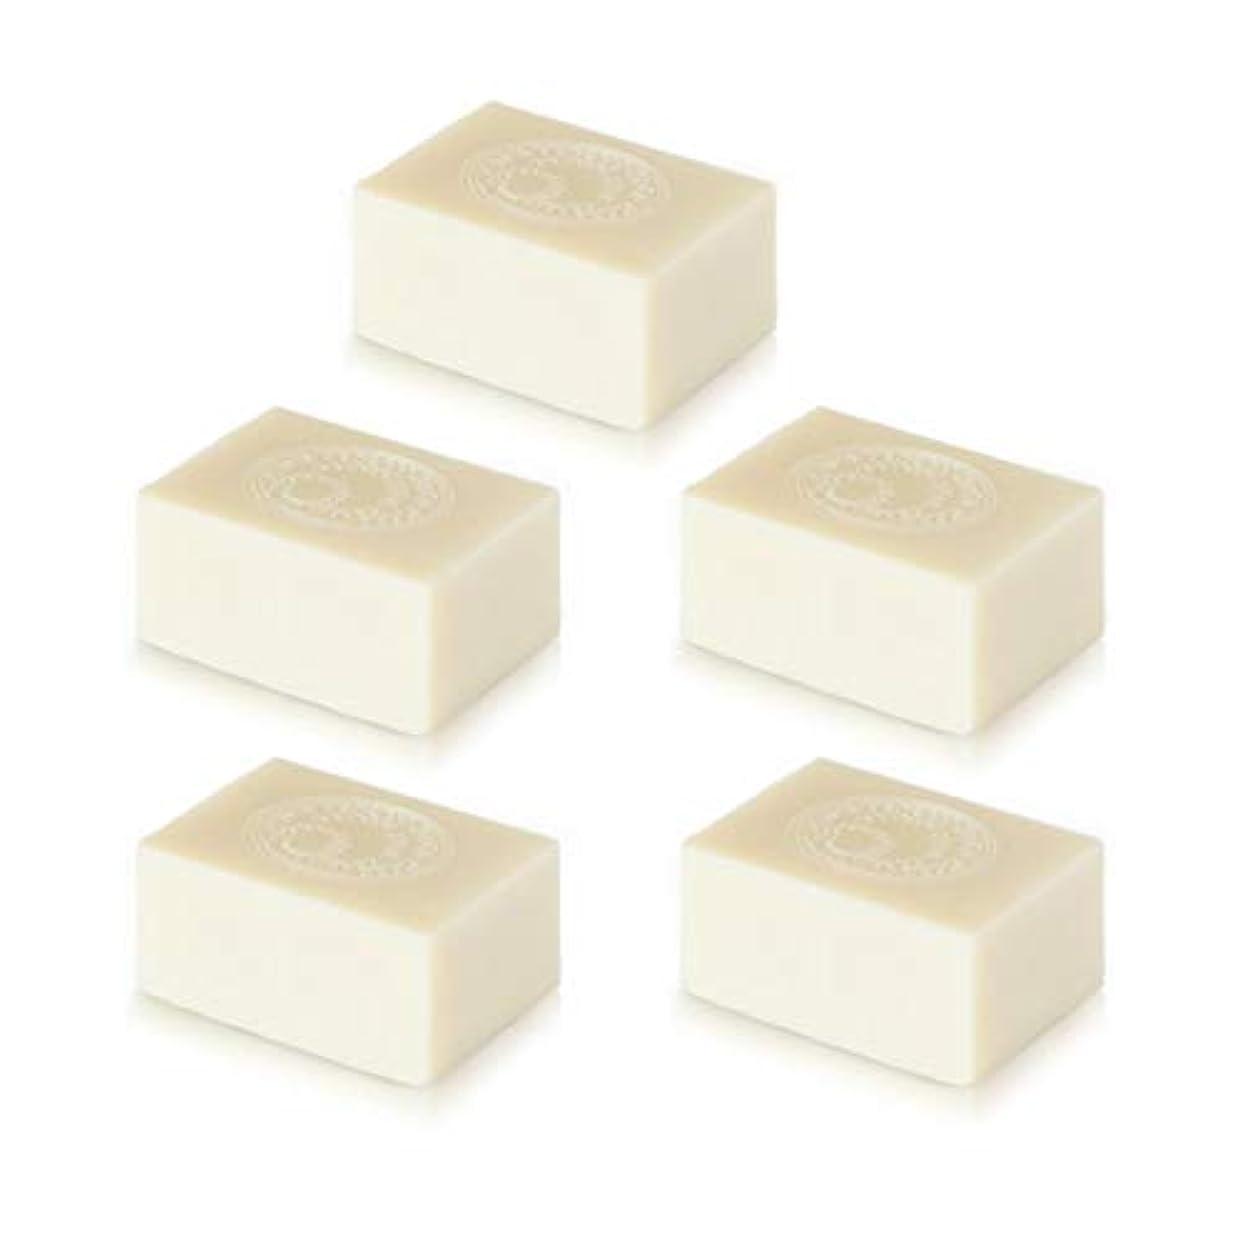 レクリエーションええ努力するナイアード アルガン石鹸5個セット( 145g ×5個)無添加アルガン石鹸